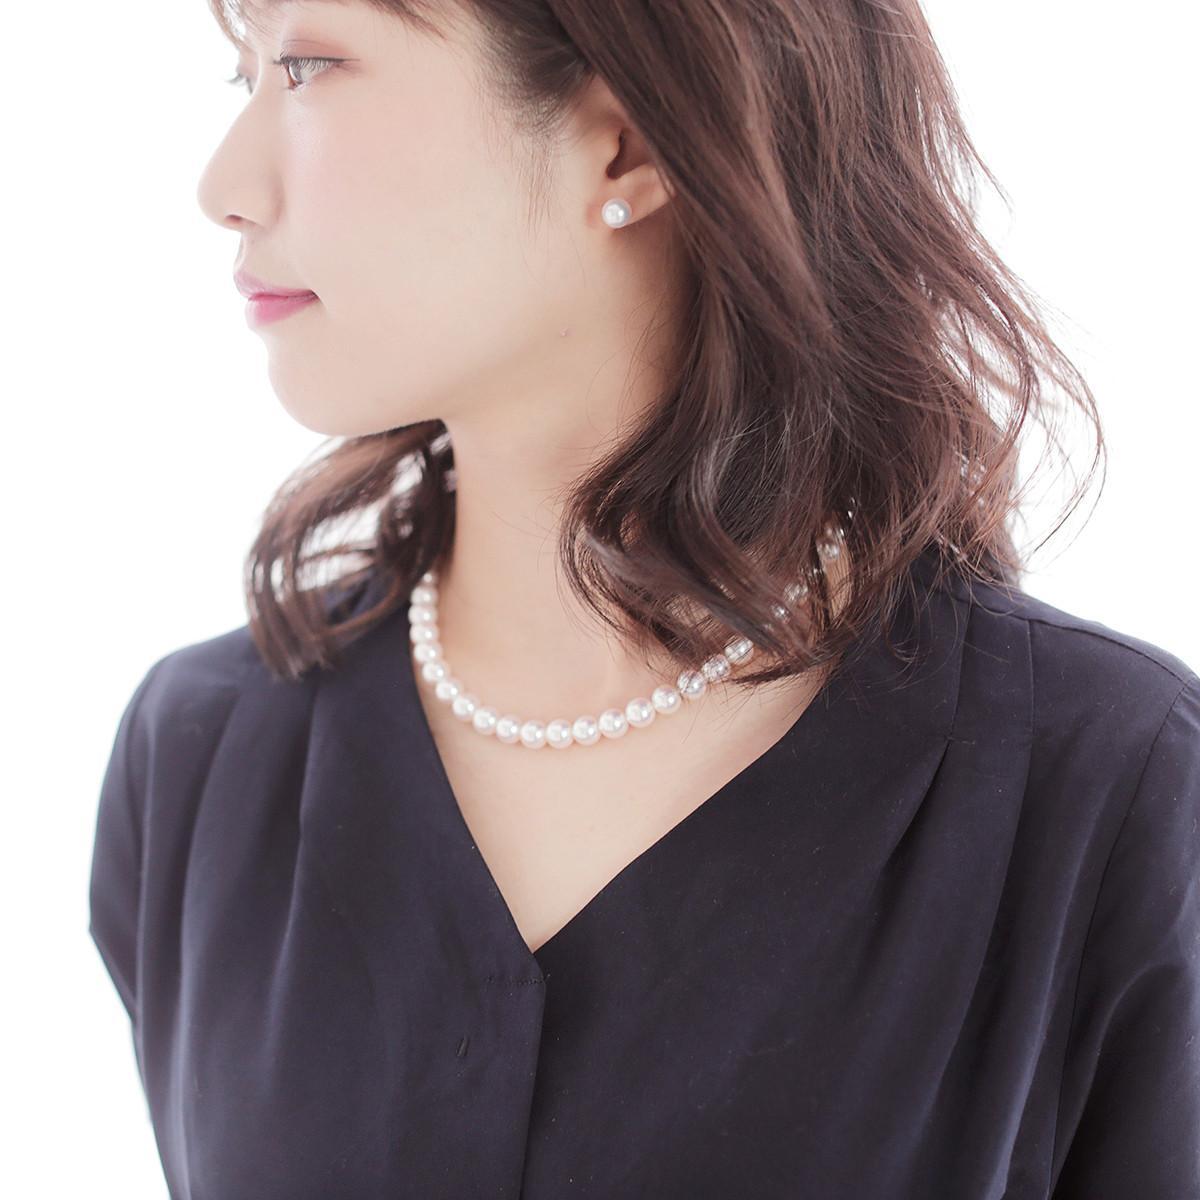 オーロラ 天女 花珠 パールネックレス セット 約8.5-9.0mmの写真